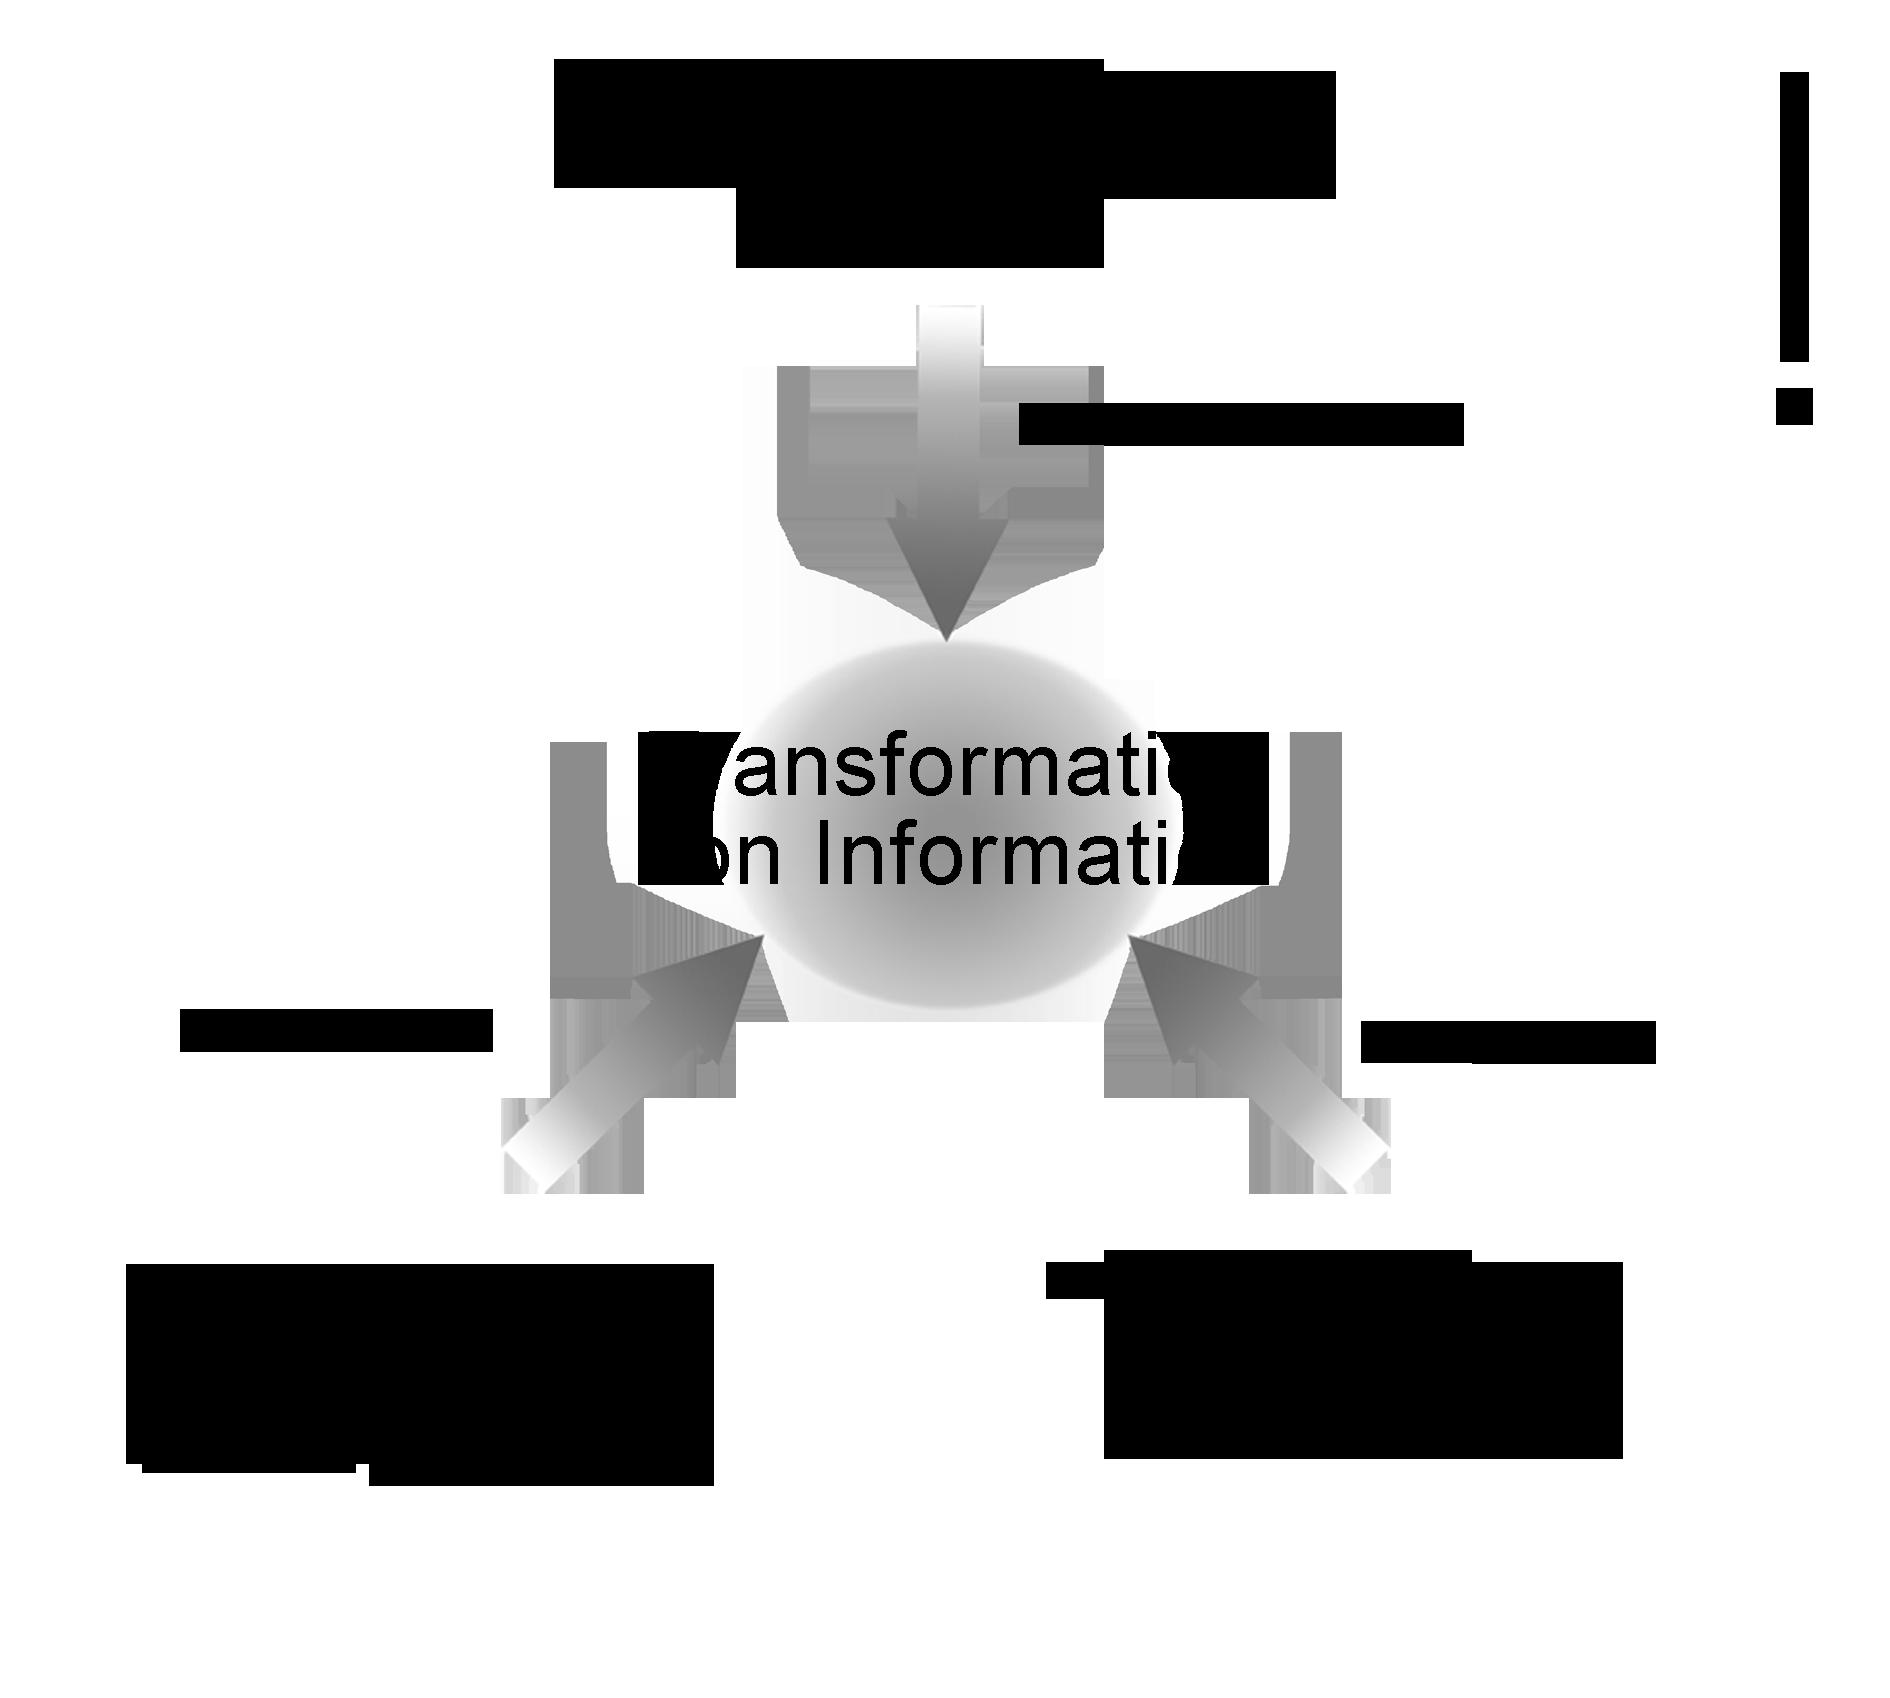 Informationstransformation